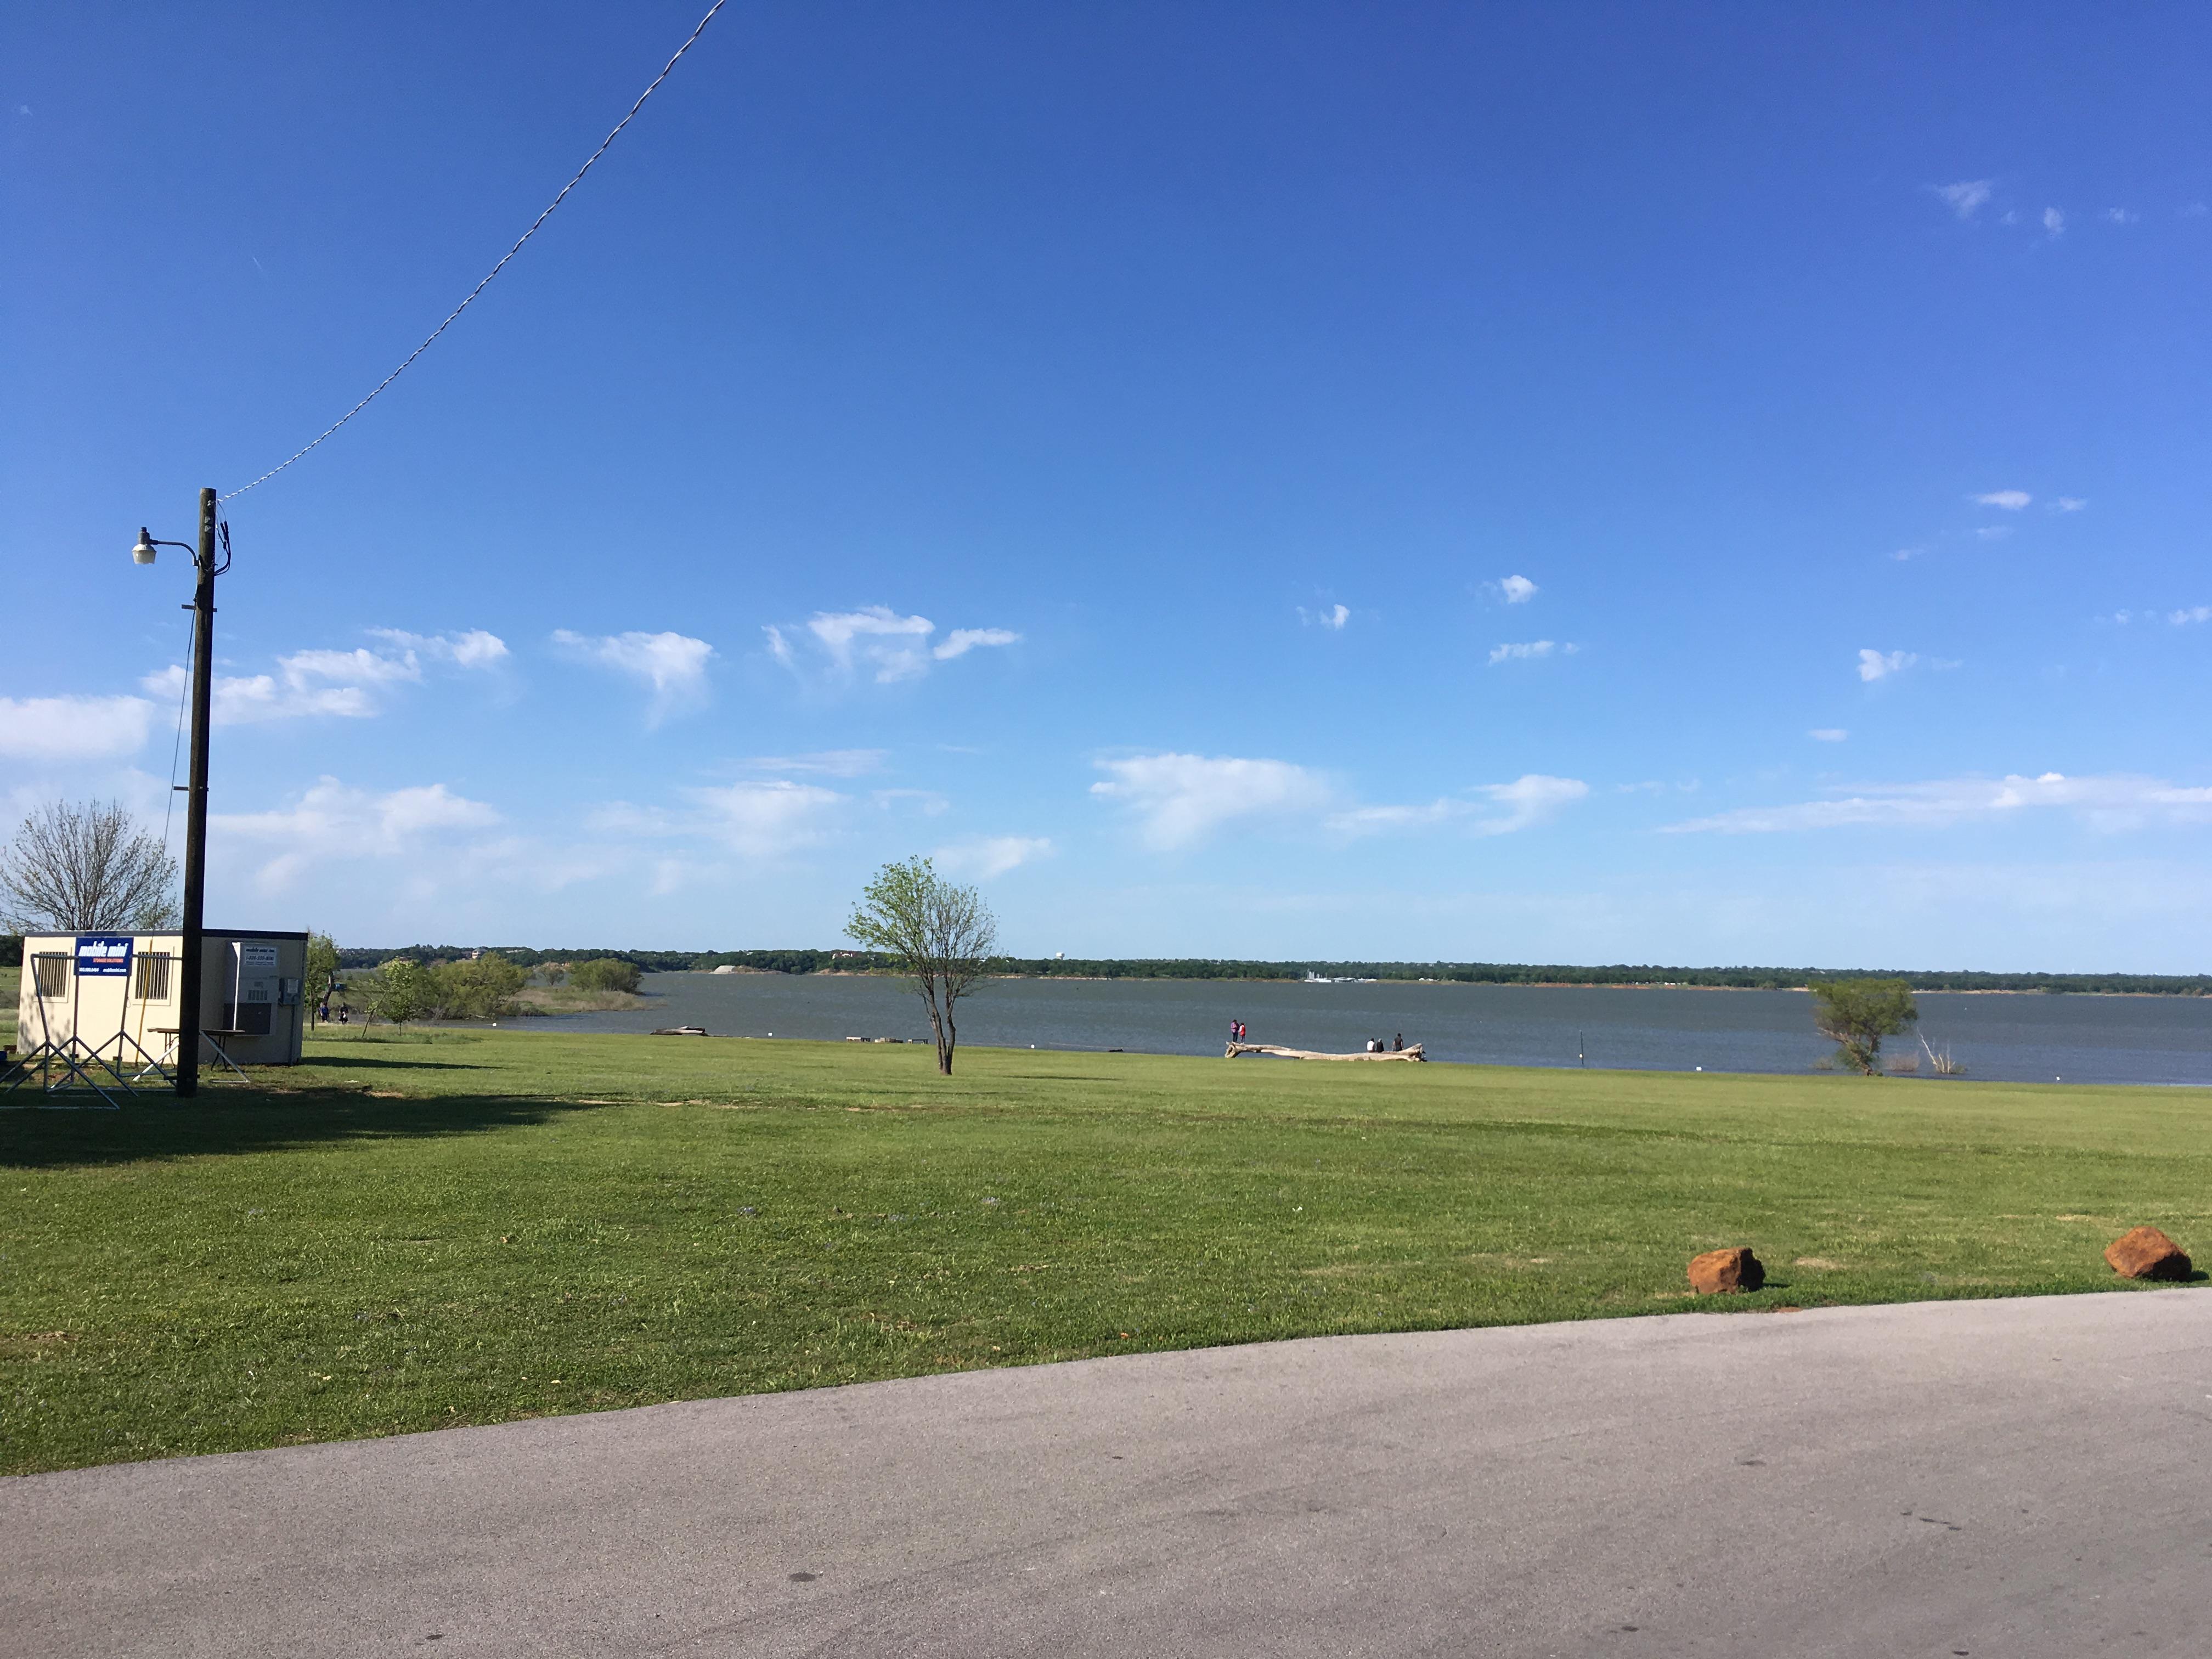 アウトレットもすぐ近く!Grapevine湖でのんびり過ごす休日